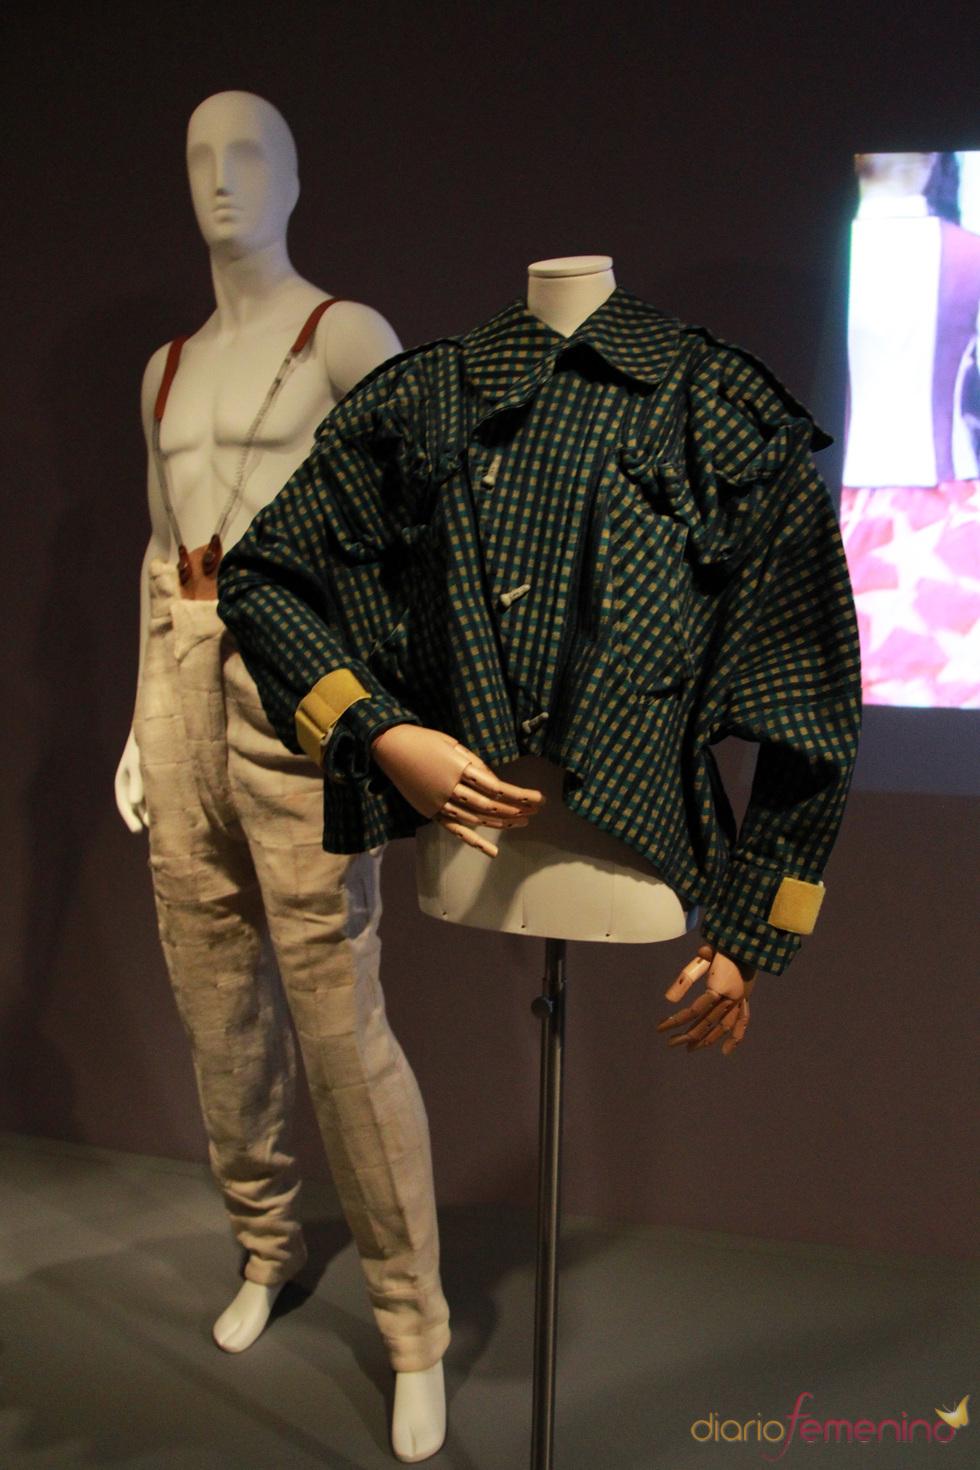 El Instituto de Tecnología de Moda enseña los modelos de Vivienne Westwood.